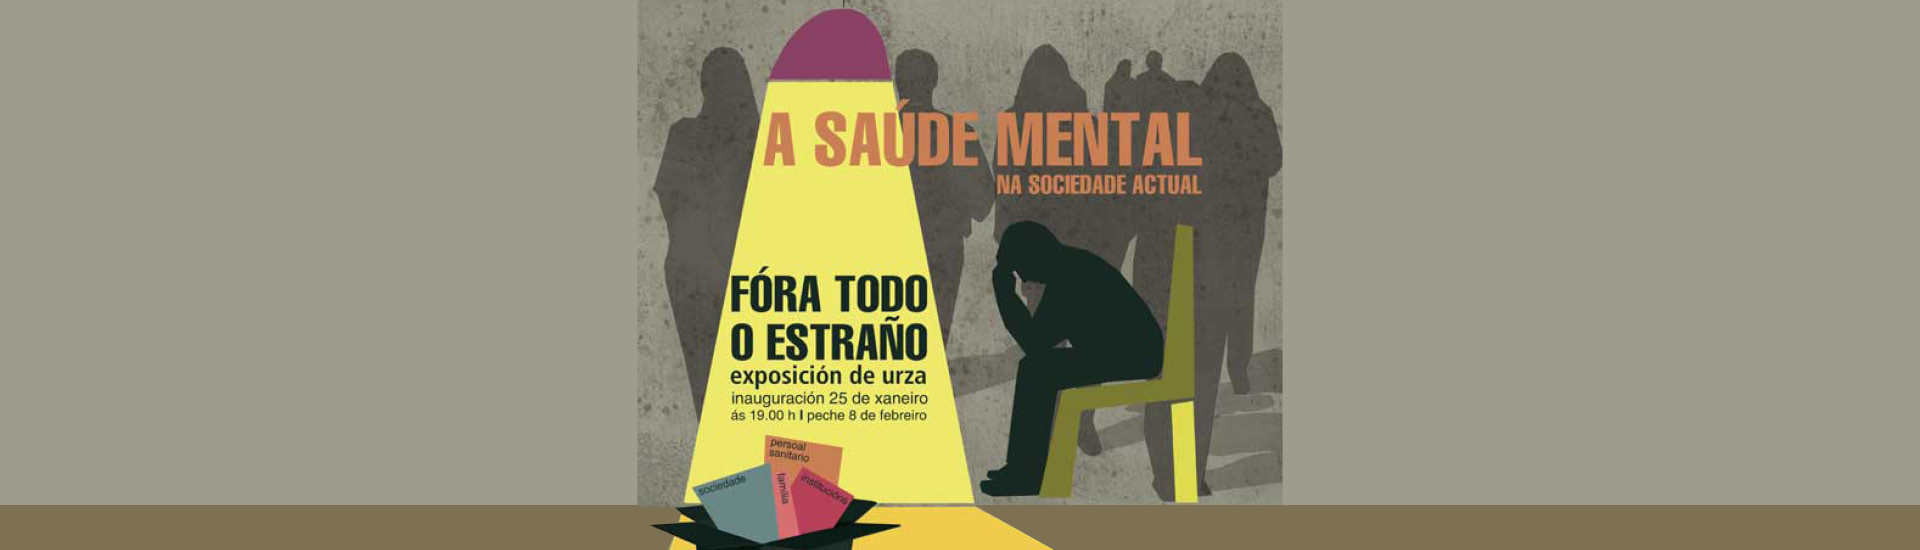 a saúde mental na sociedade actual